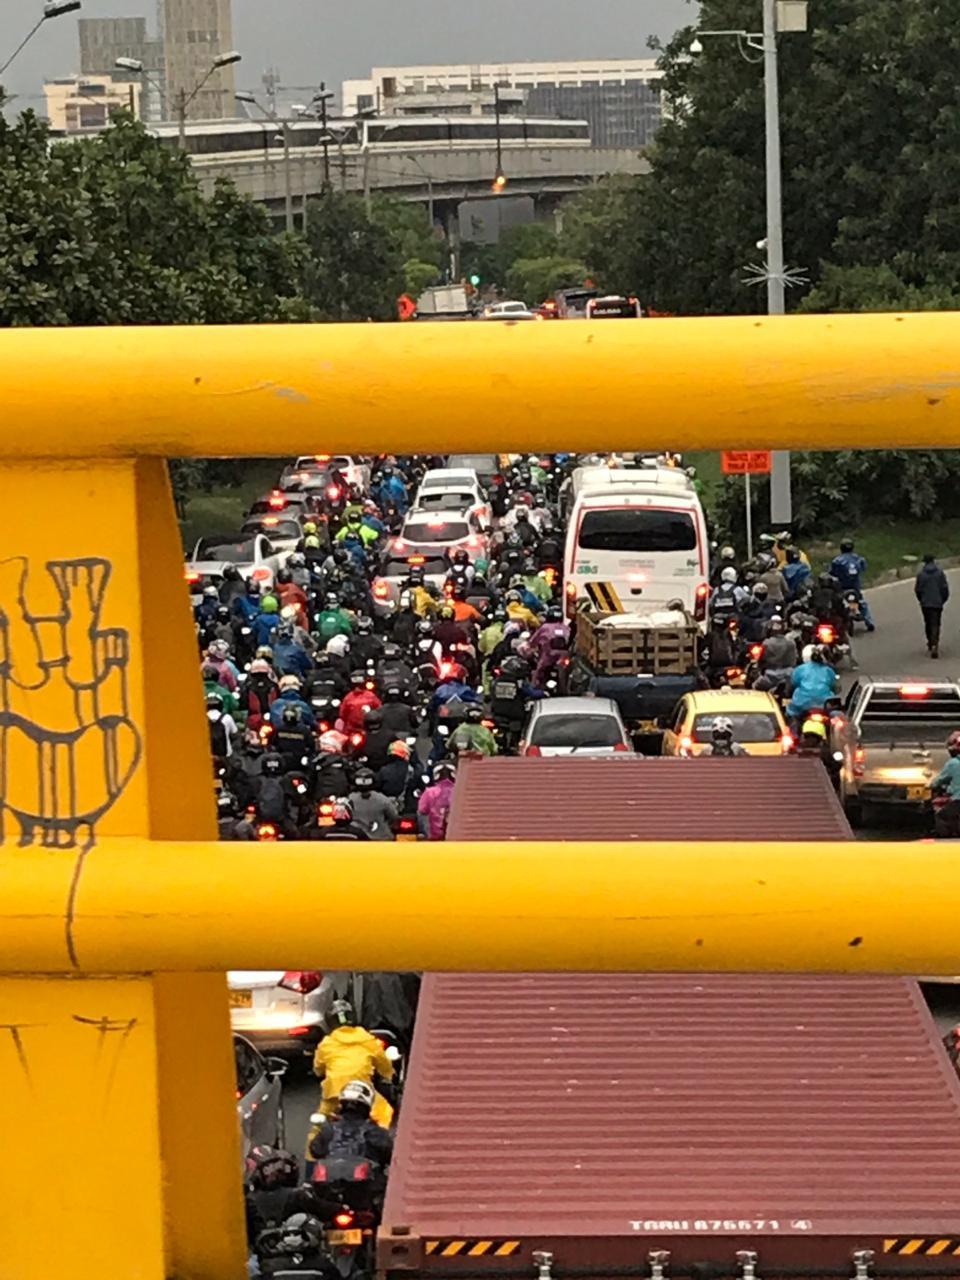 (Tráfico Autopista Regional con la Calle 30, Medellín. Tomada un día de pico y placa ambiental [alerta roja el 28/03/2019 a las 5:17 pm.